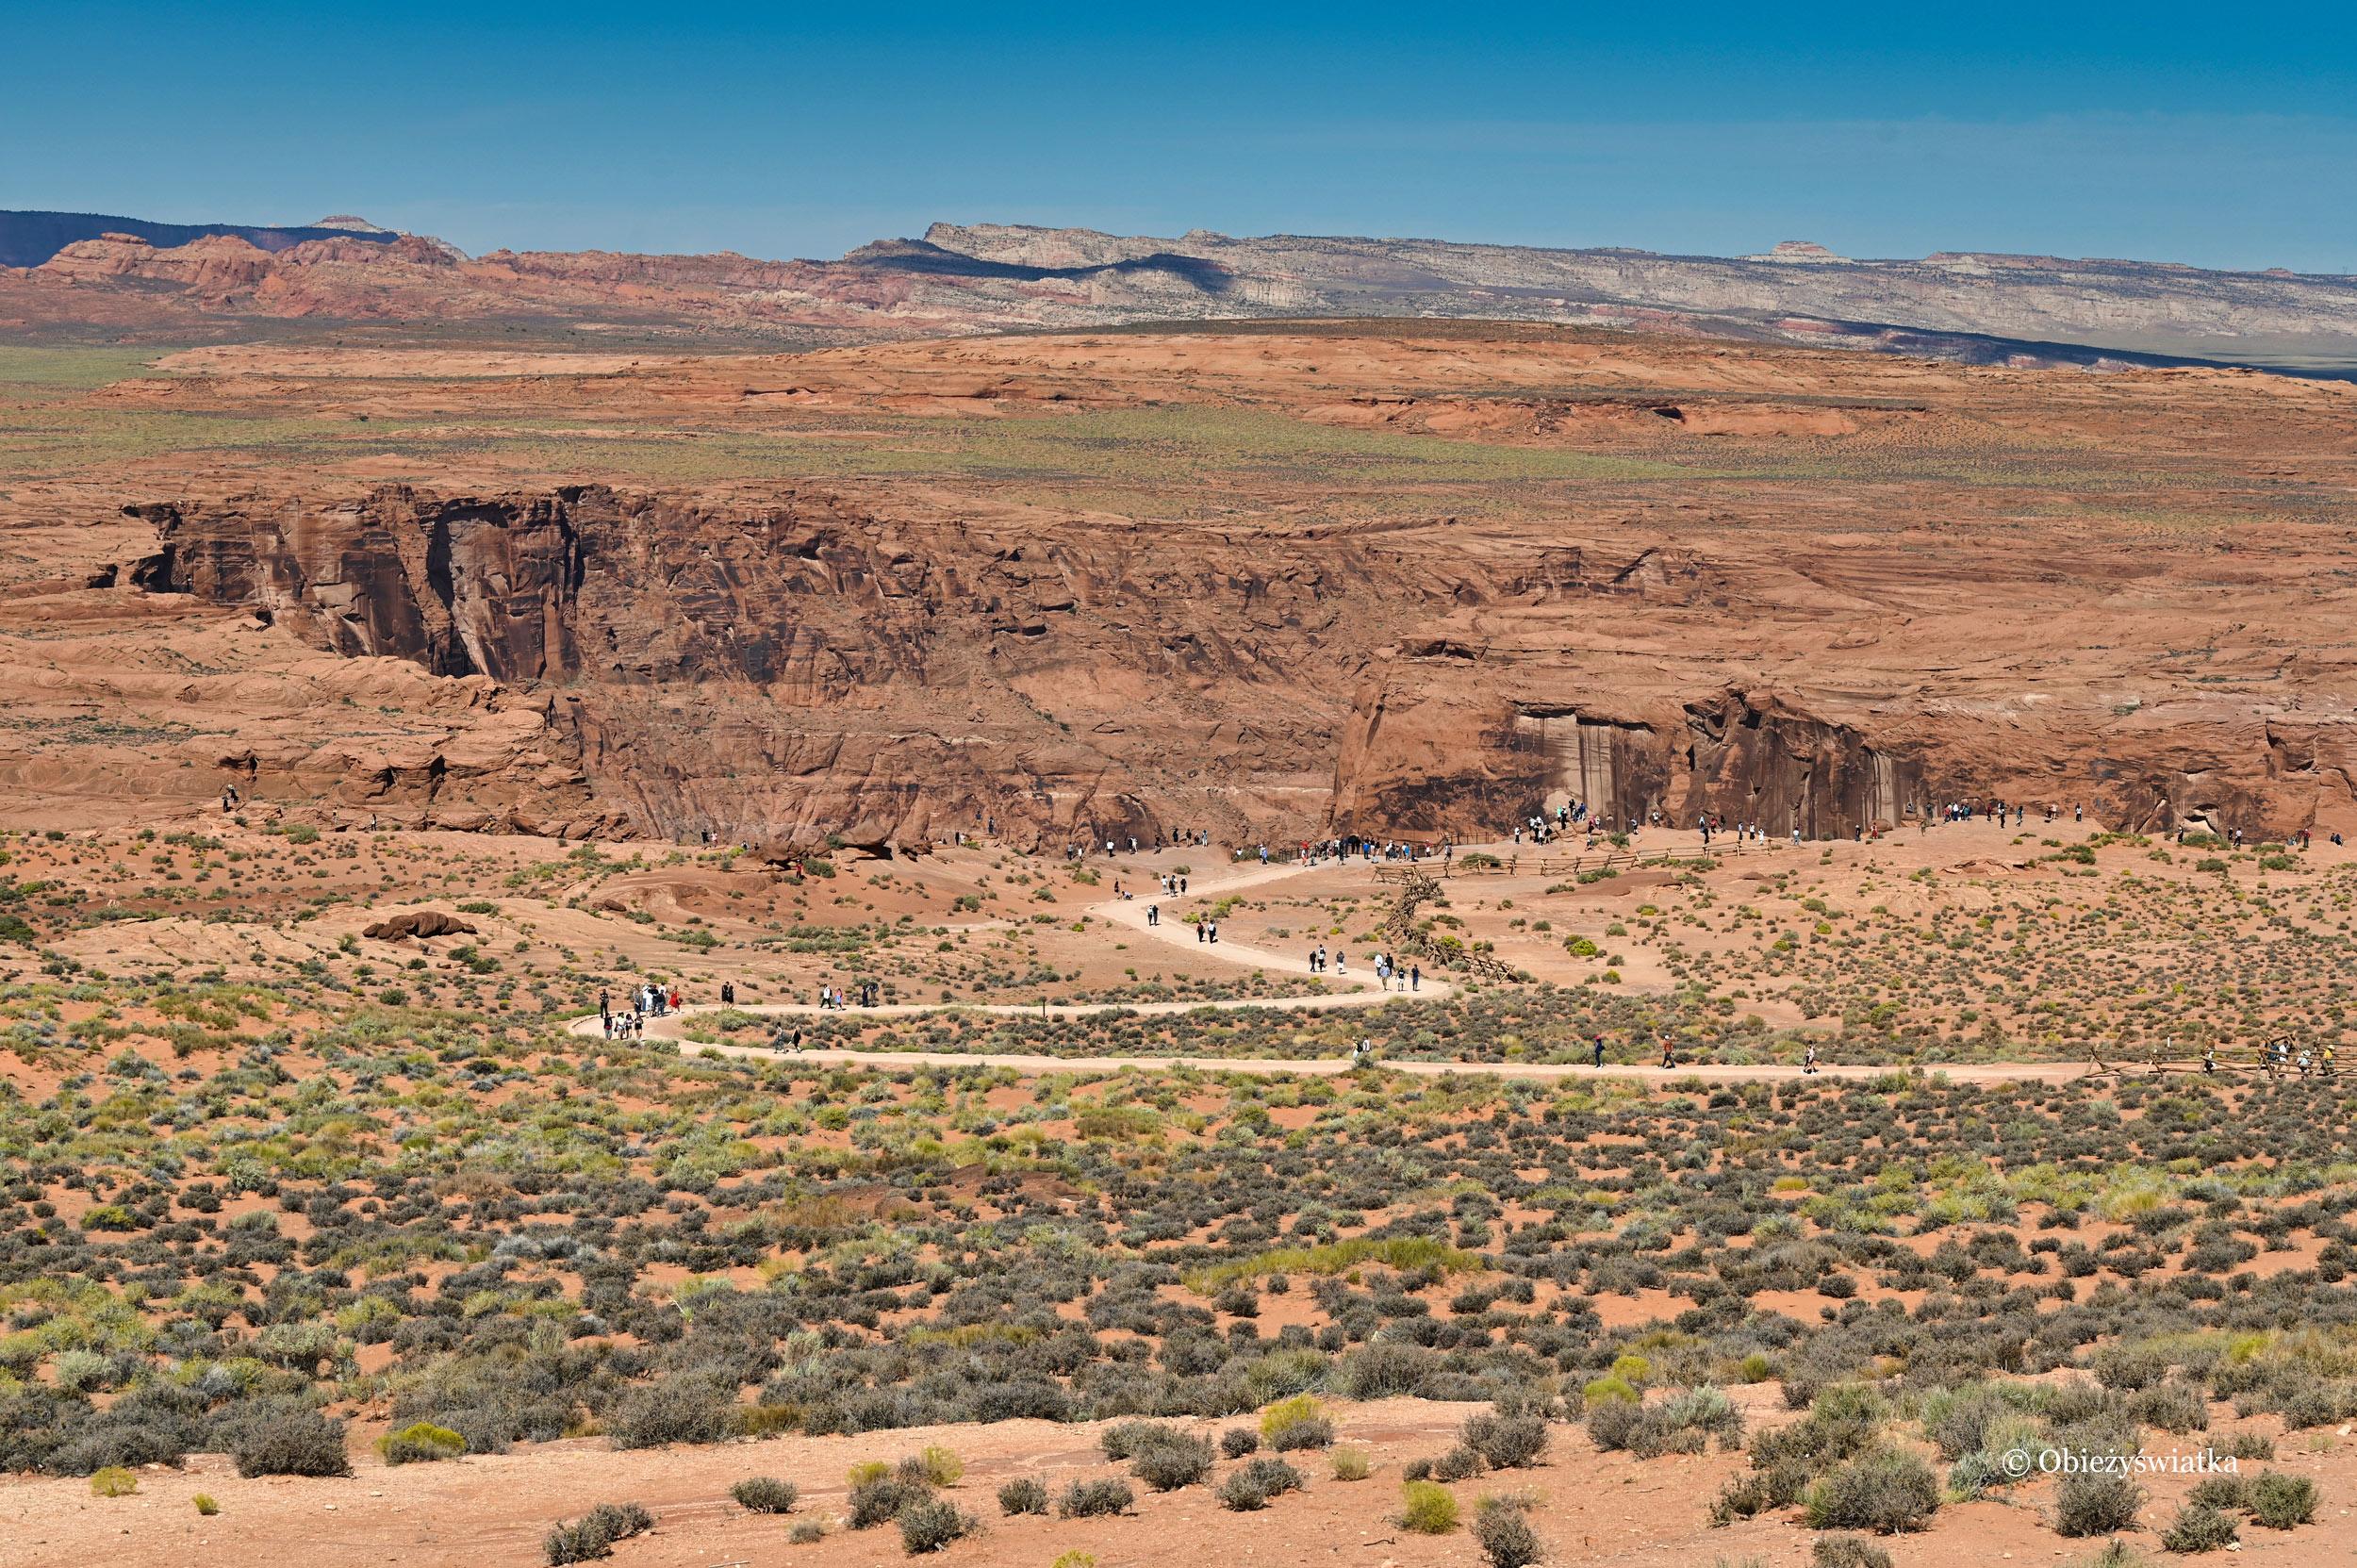 Droga do punktu widokowego nad rzeką Kolorado, Horseshoe Bend, Arizona